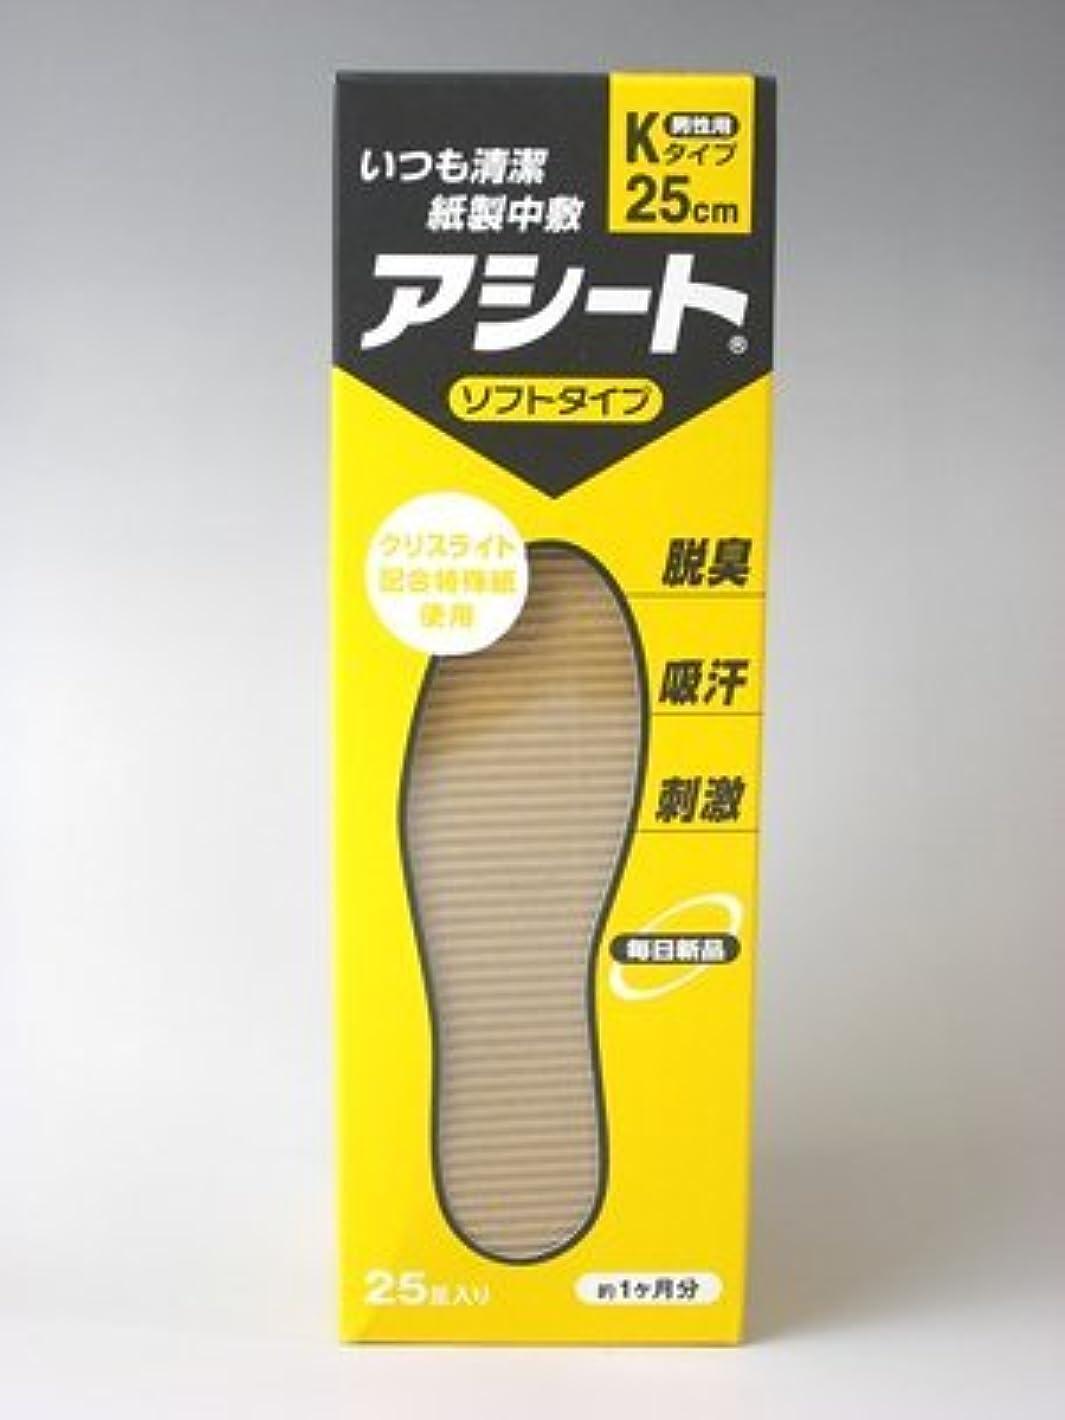 絞るクリック元気アシートKタイプ25足入(ソフトタイプ)25cm